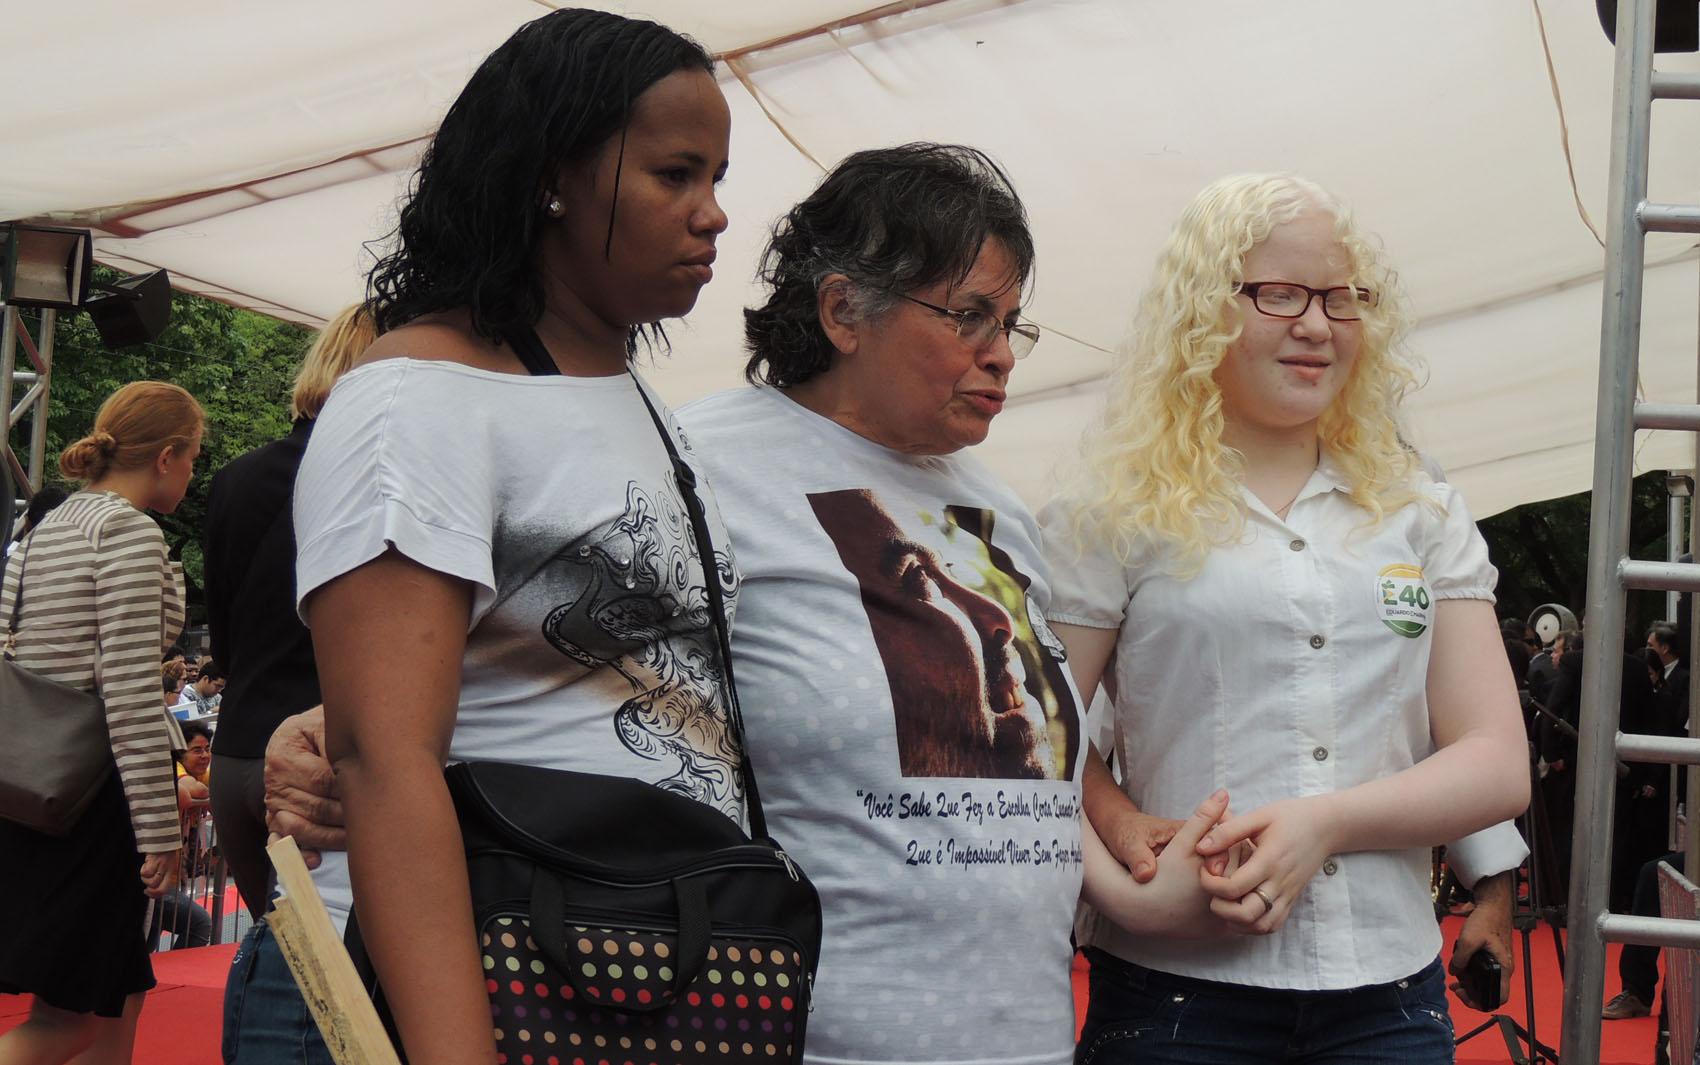 Rita Regina da Silva, mãe do fotógrafo Alexandre Severo, ao centro. Stefanie Sobral (à direita), personagem de um dos ensaios mais conhecidos do fotógrafo